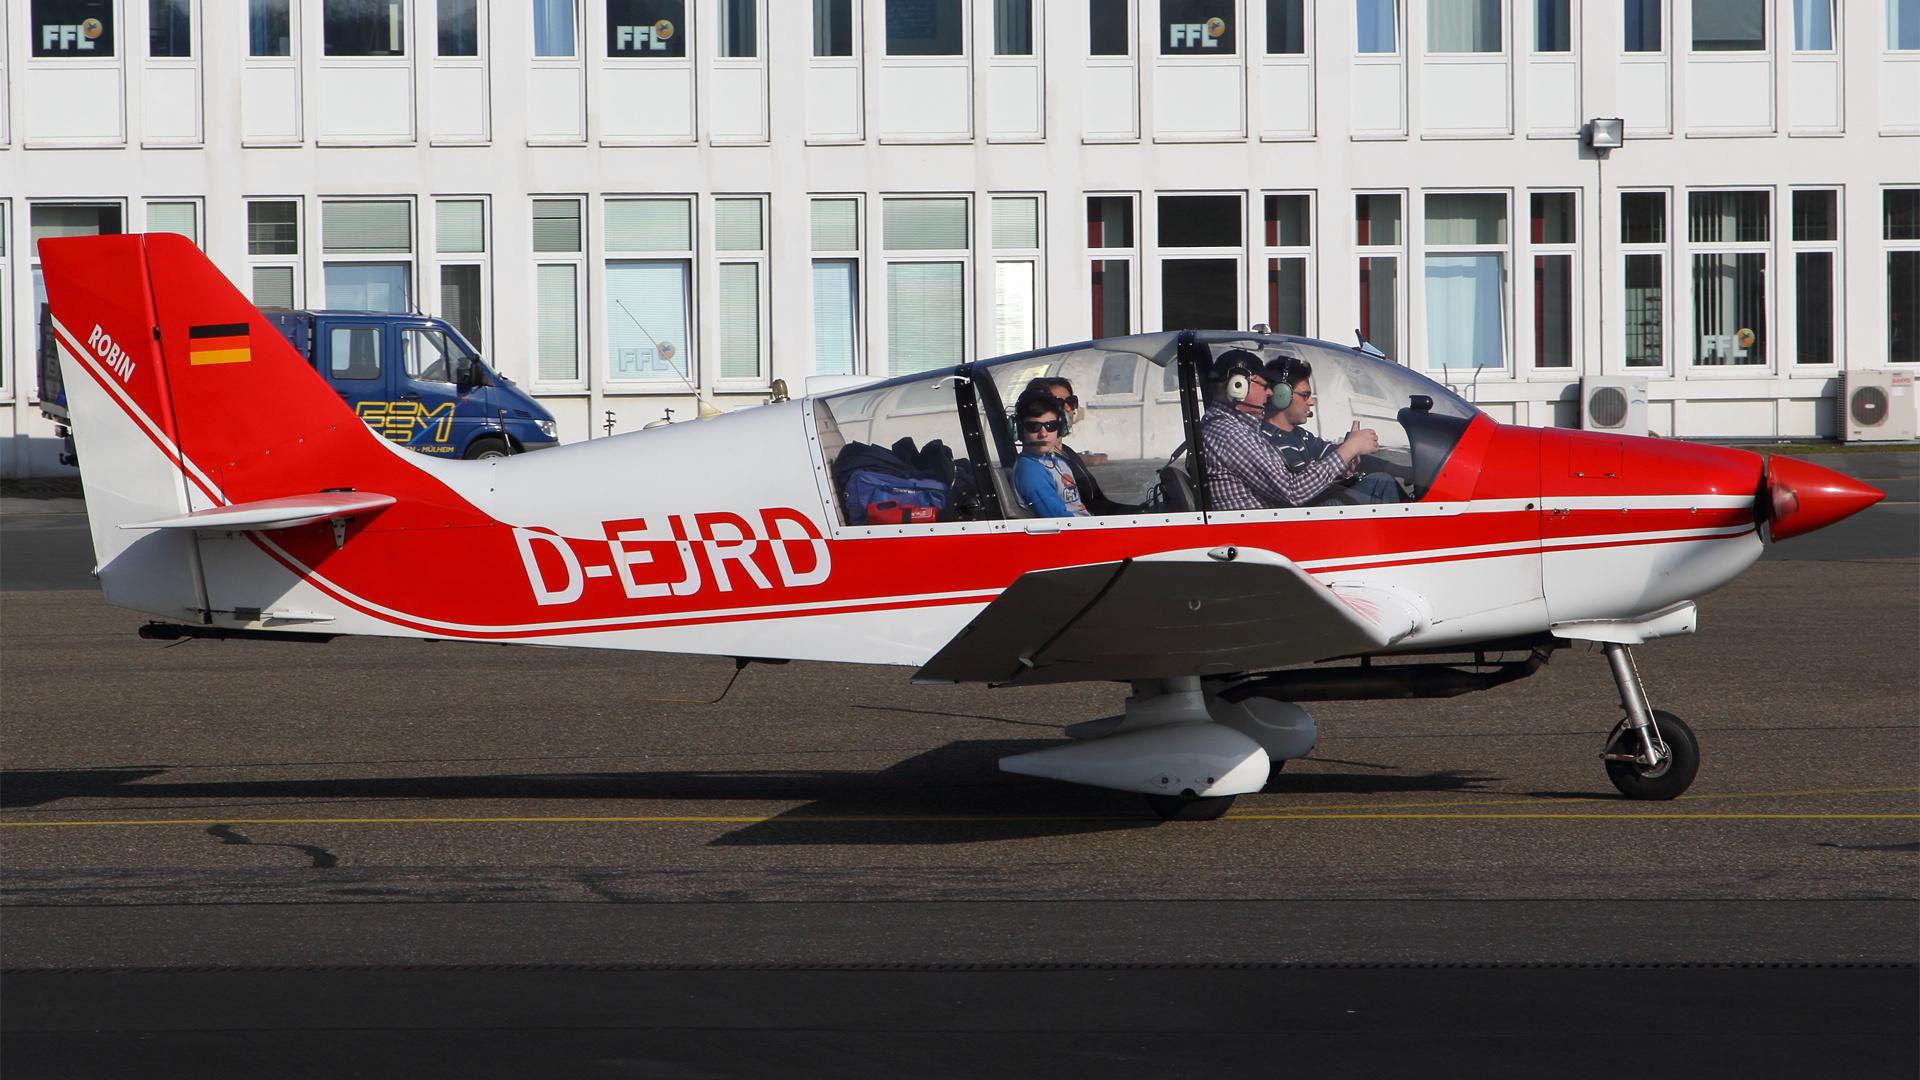 D-EJRD-1 DR400 ESS 201504